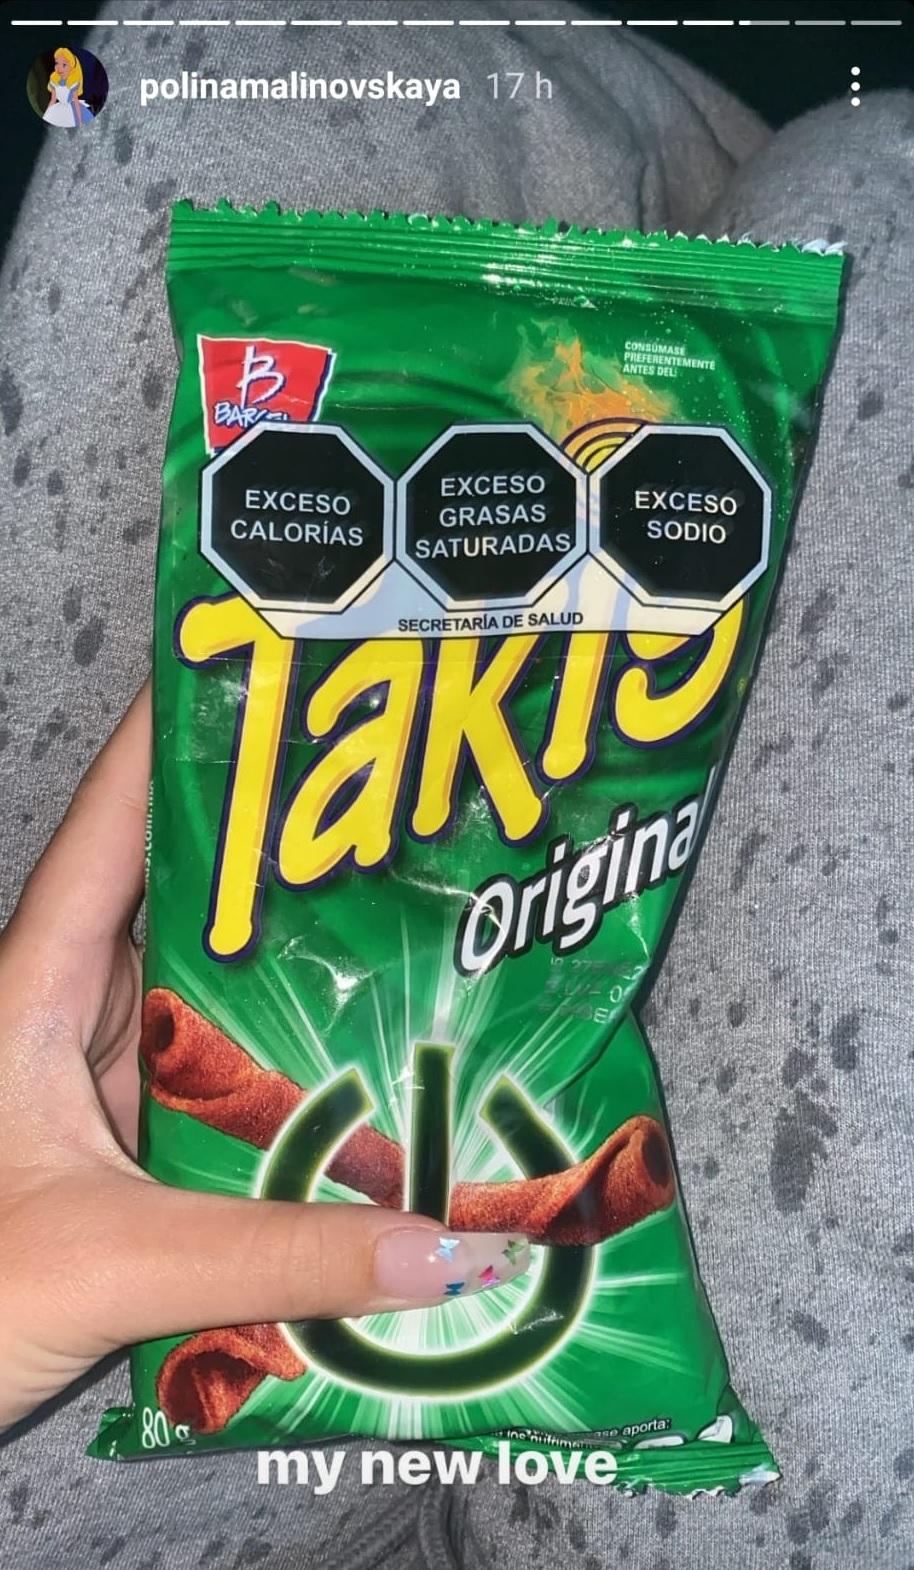 Cuando compras comida basura en Méjico, te encuentras con etiquetados disuasorios avisándote de los componentes nocivos que contiene